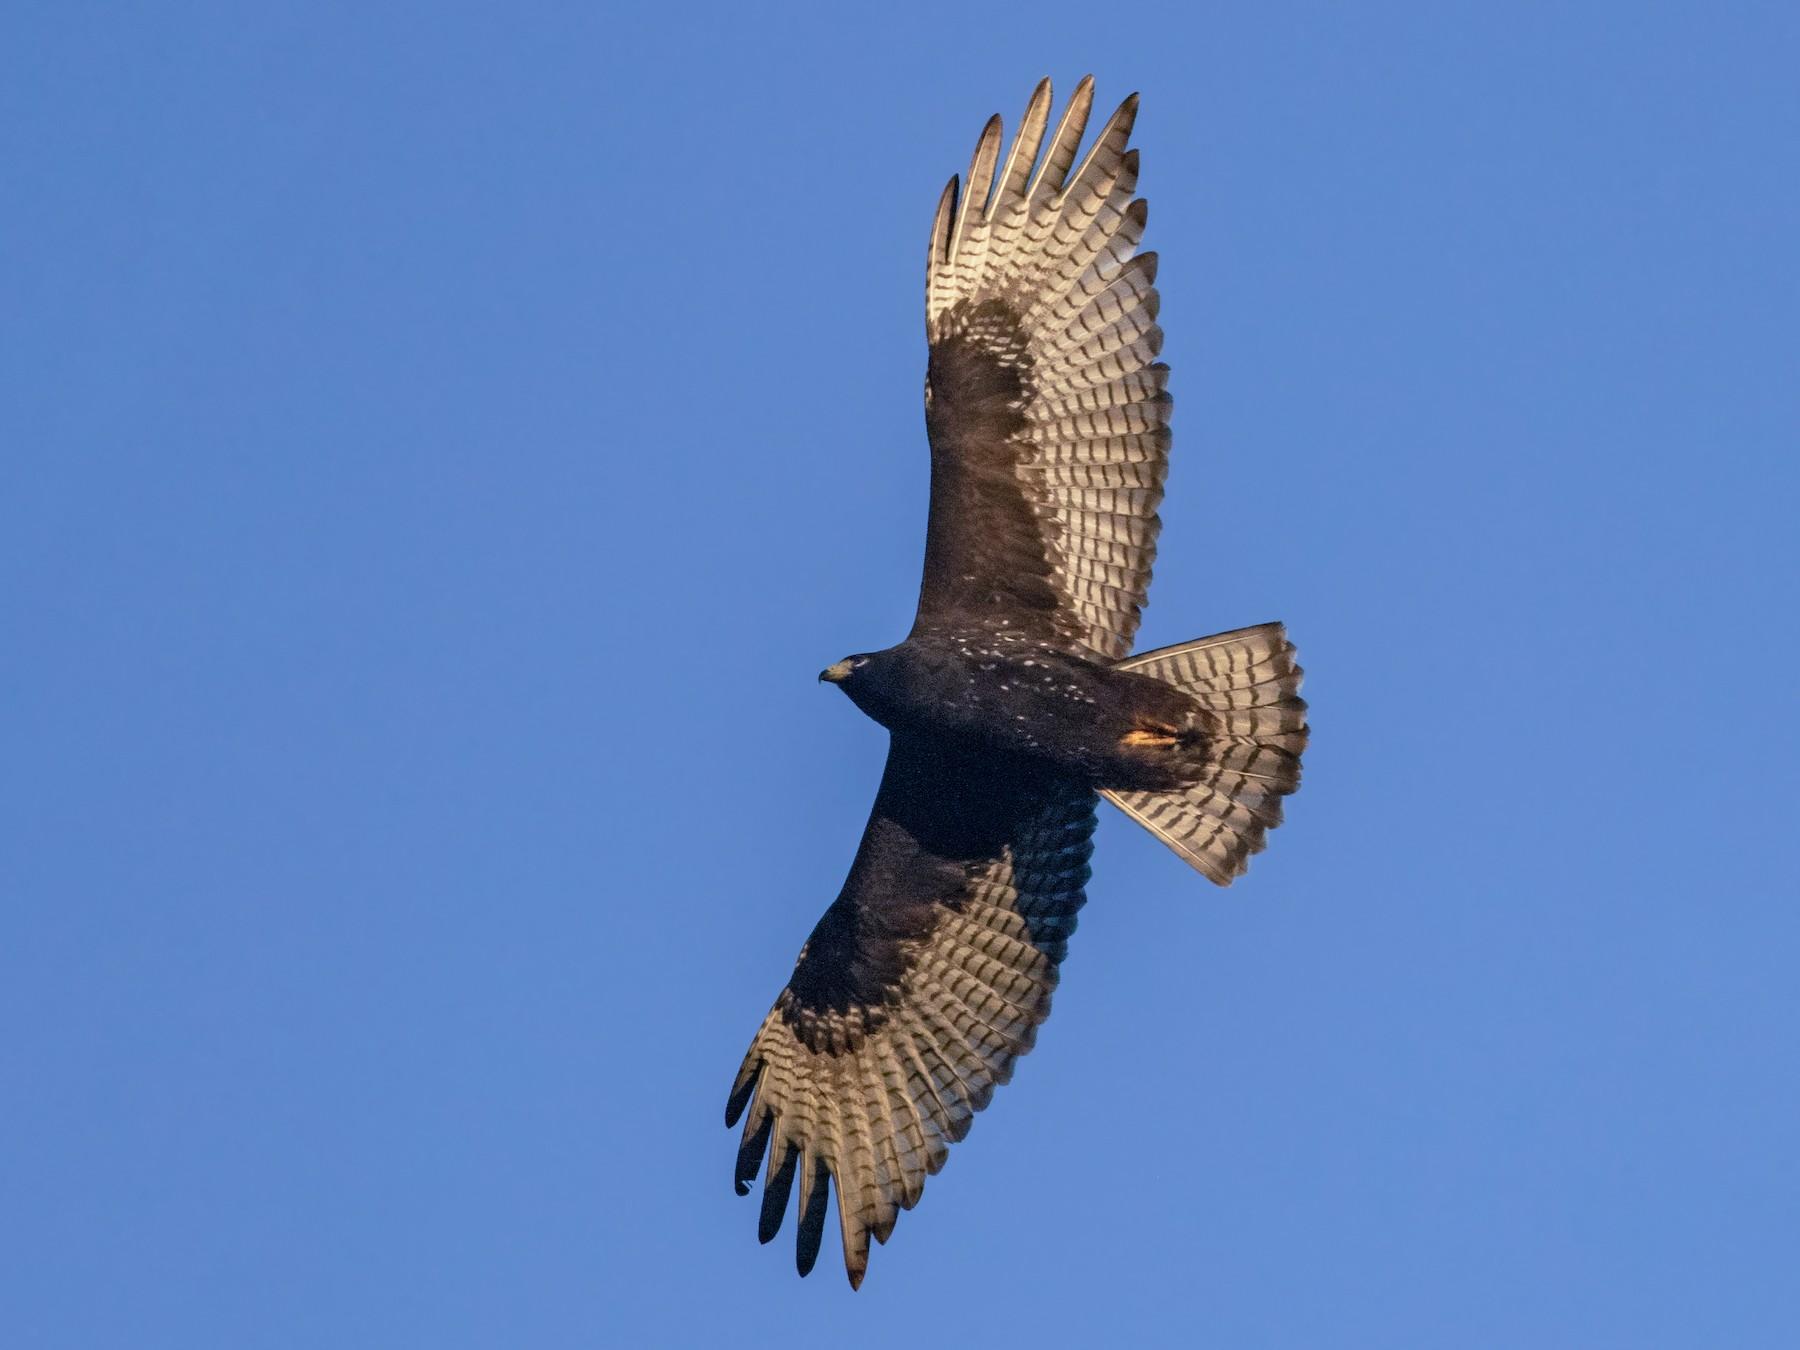 Zone-tailed Hawk - Iris Kilpatrick